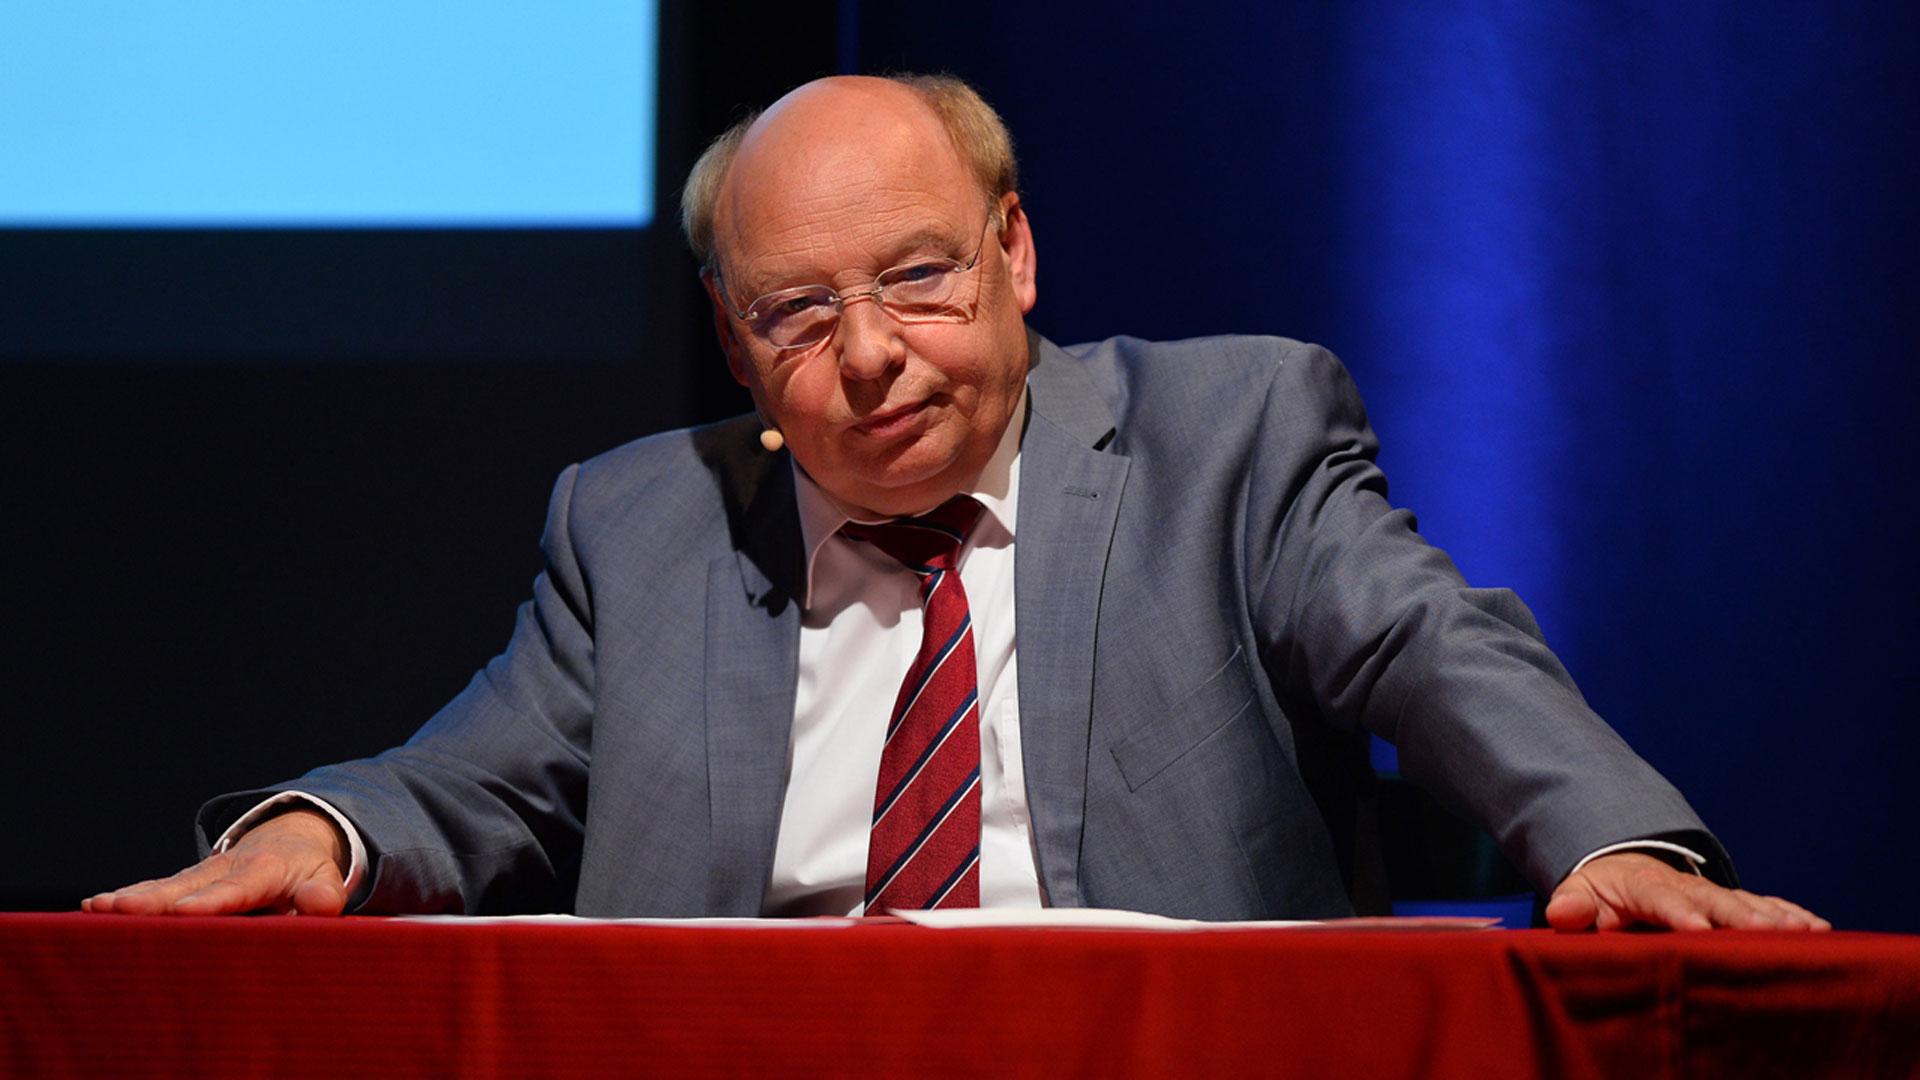 Hassknecht Fabian Koester Heute Show ZDF Bühne Jetzt´s wird persönlich Oliver Welke Hassknecht Politik Satire Humor